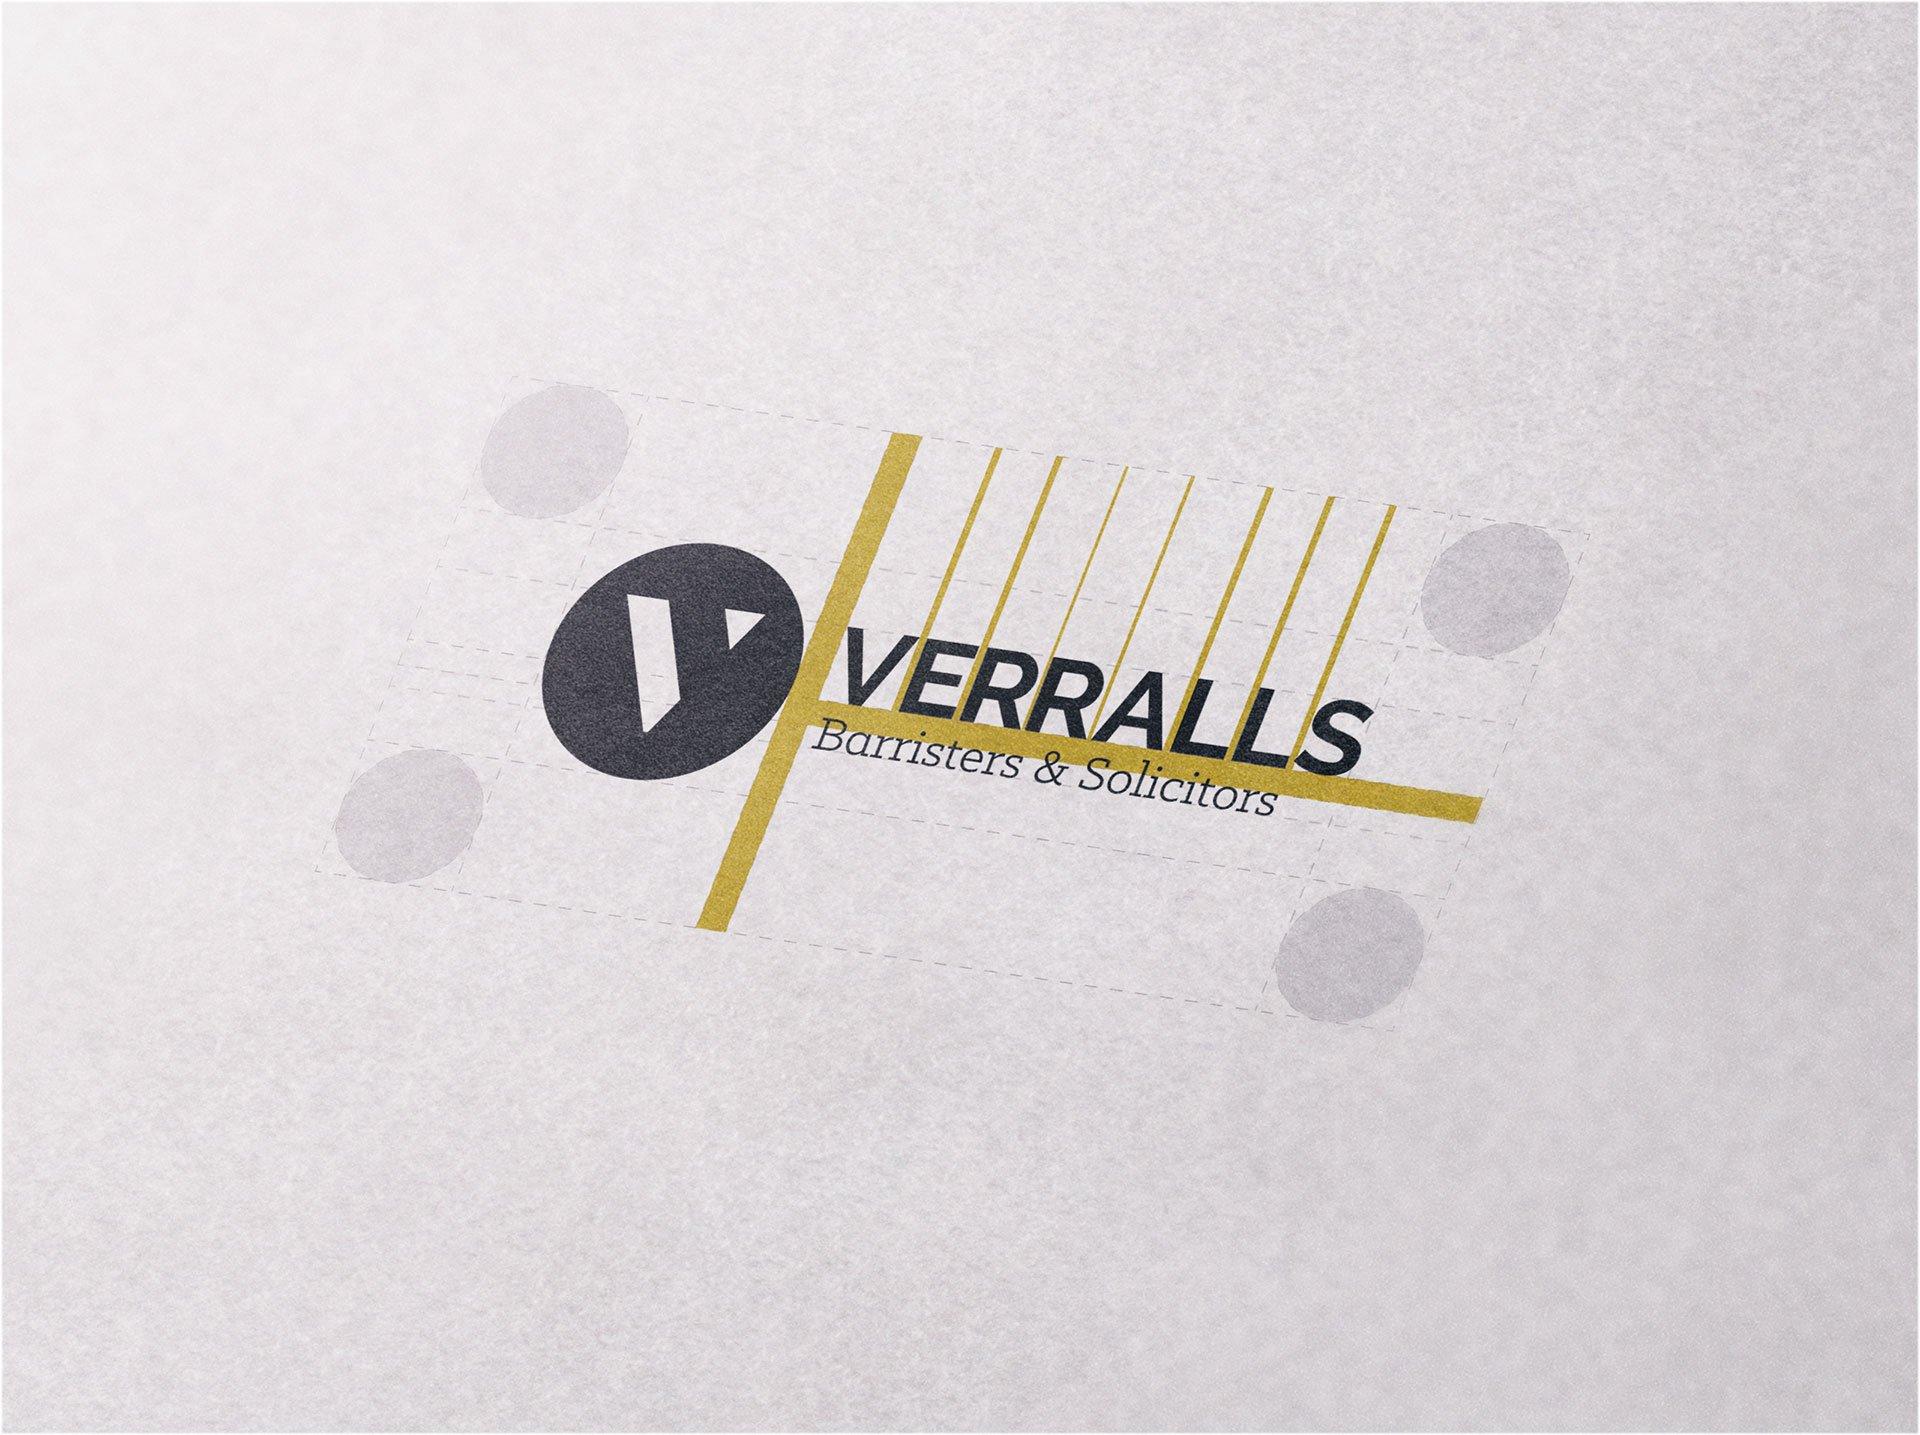 boceto-logotipo-verrals-agencia-adhoc